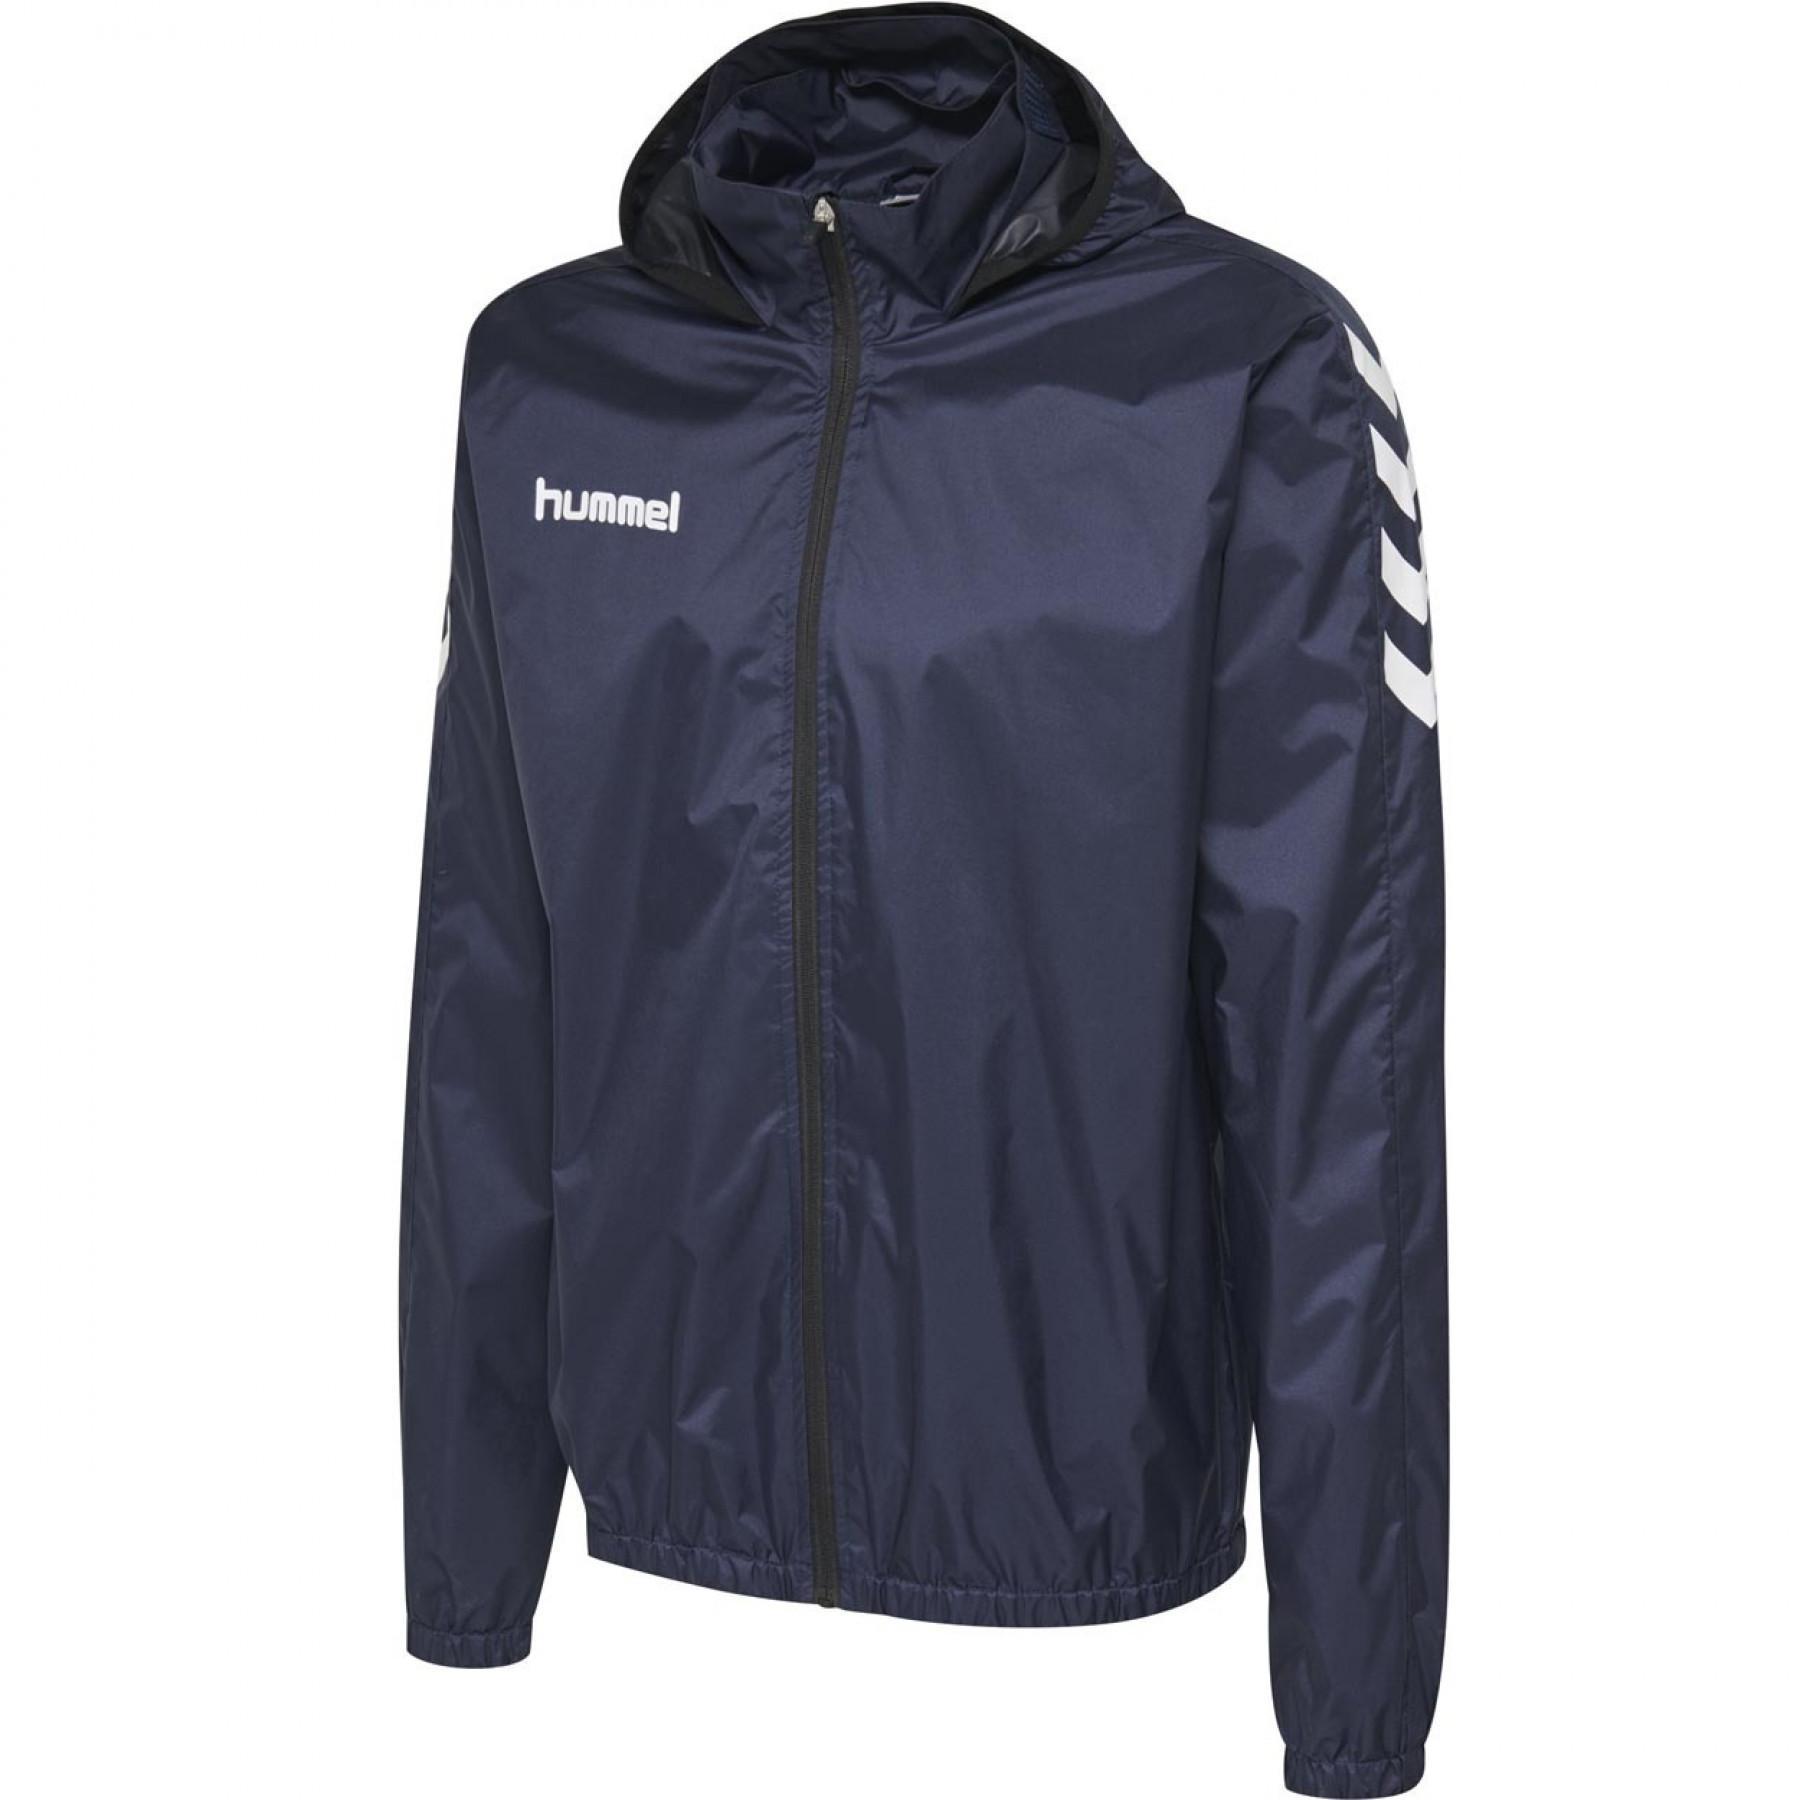 Core Jacket Hummel Spary